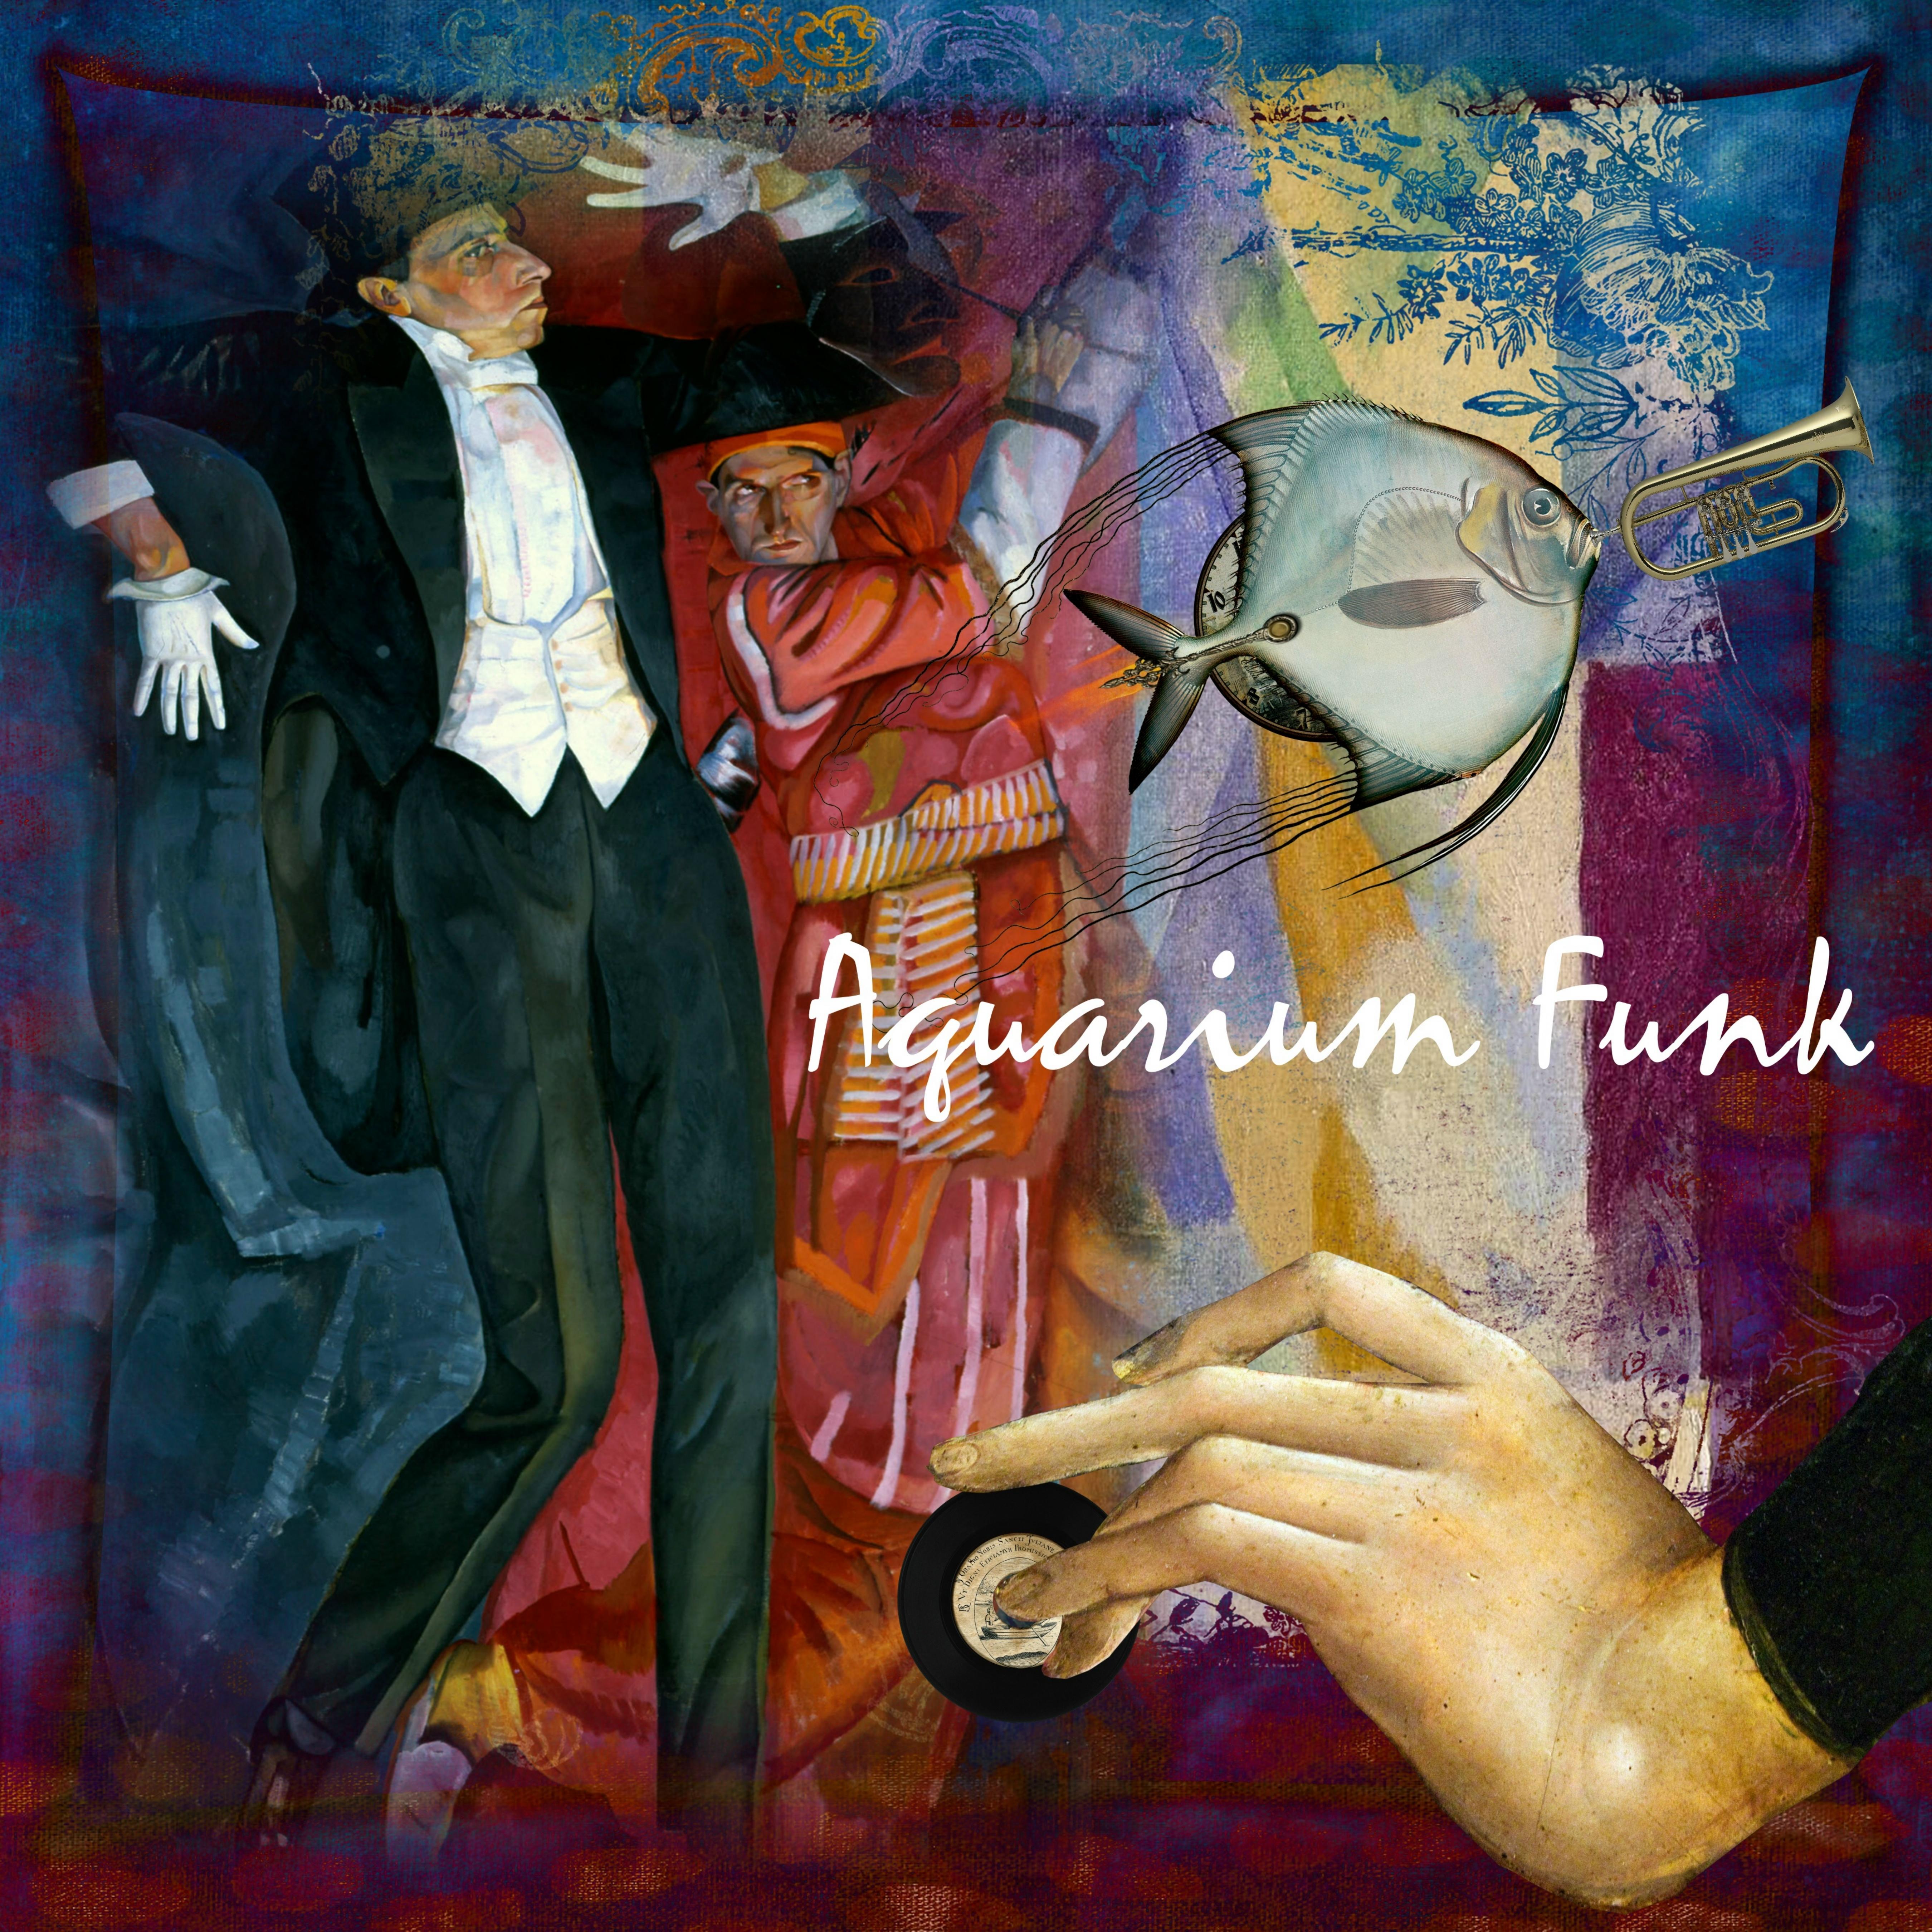 Aquarium Funk